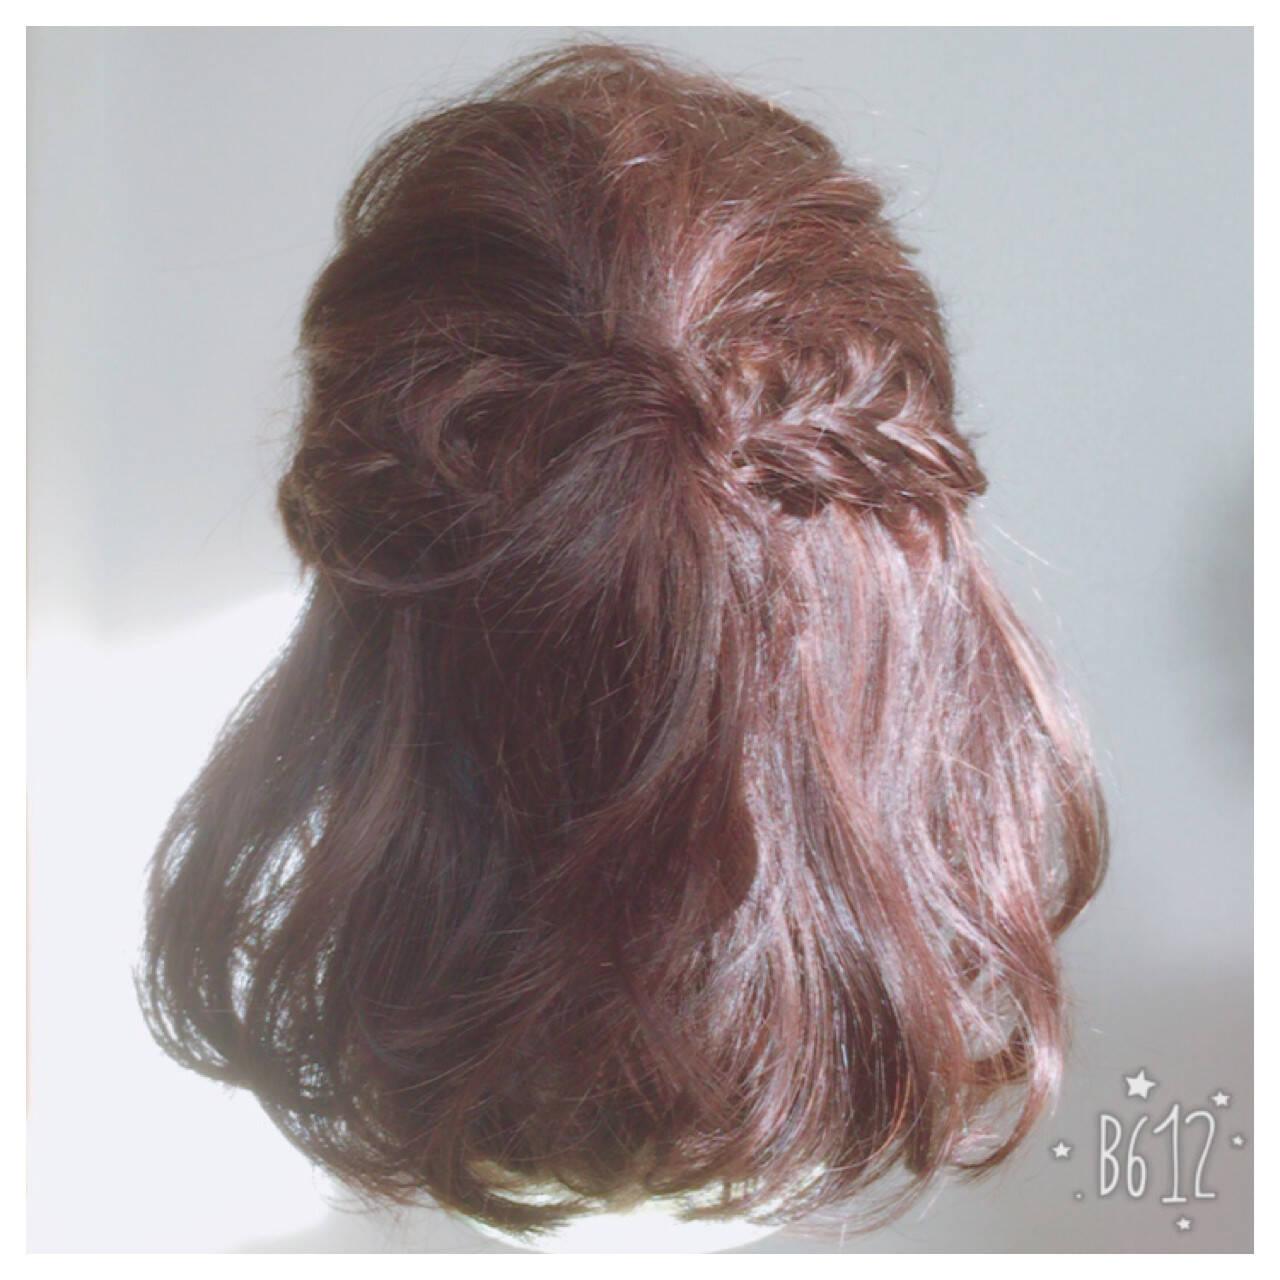 ハーフアップ ハイライト 編み込み ミディアムヘアスタイルや髪型の写真・画像